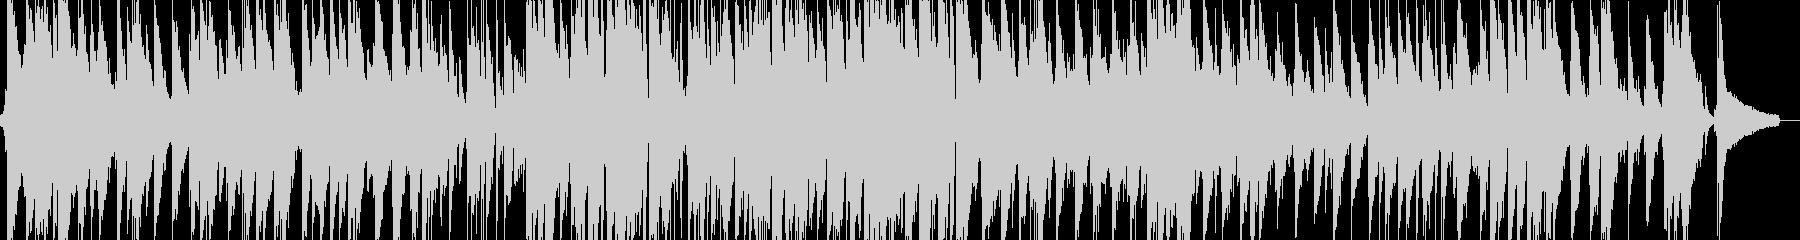 ほたるこいのピアノトリオワルツの未再生の波形